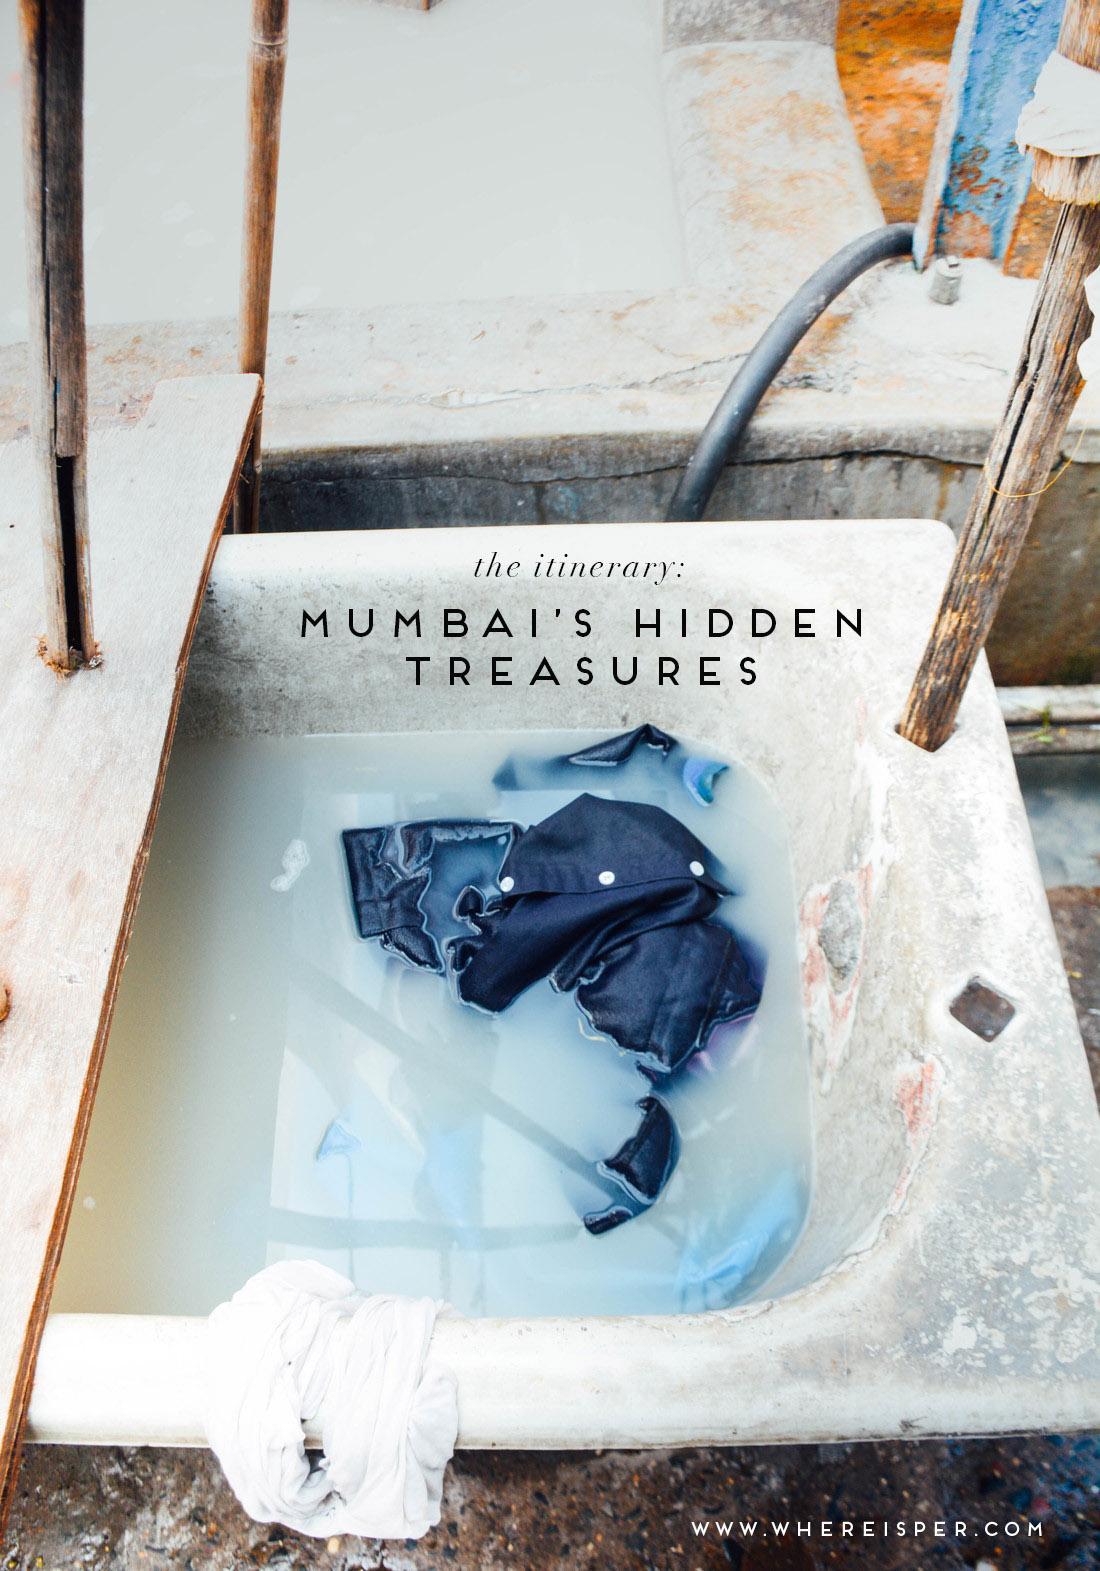 Mumbai's Hidden Treasures: Where is Per